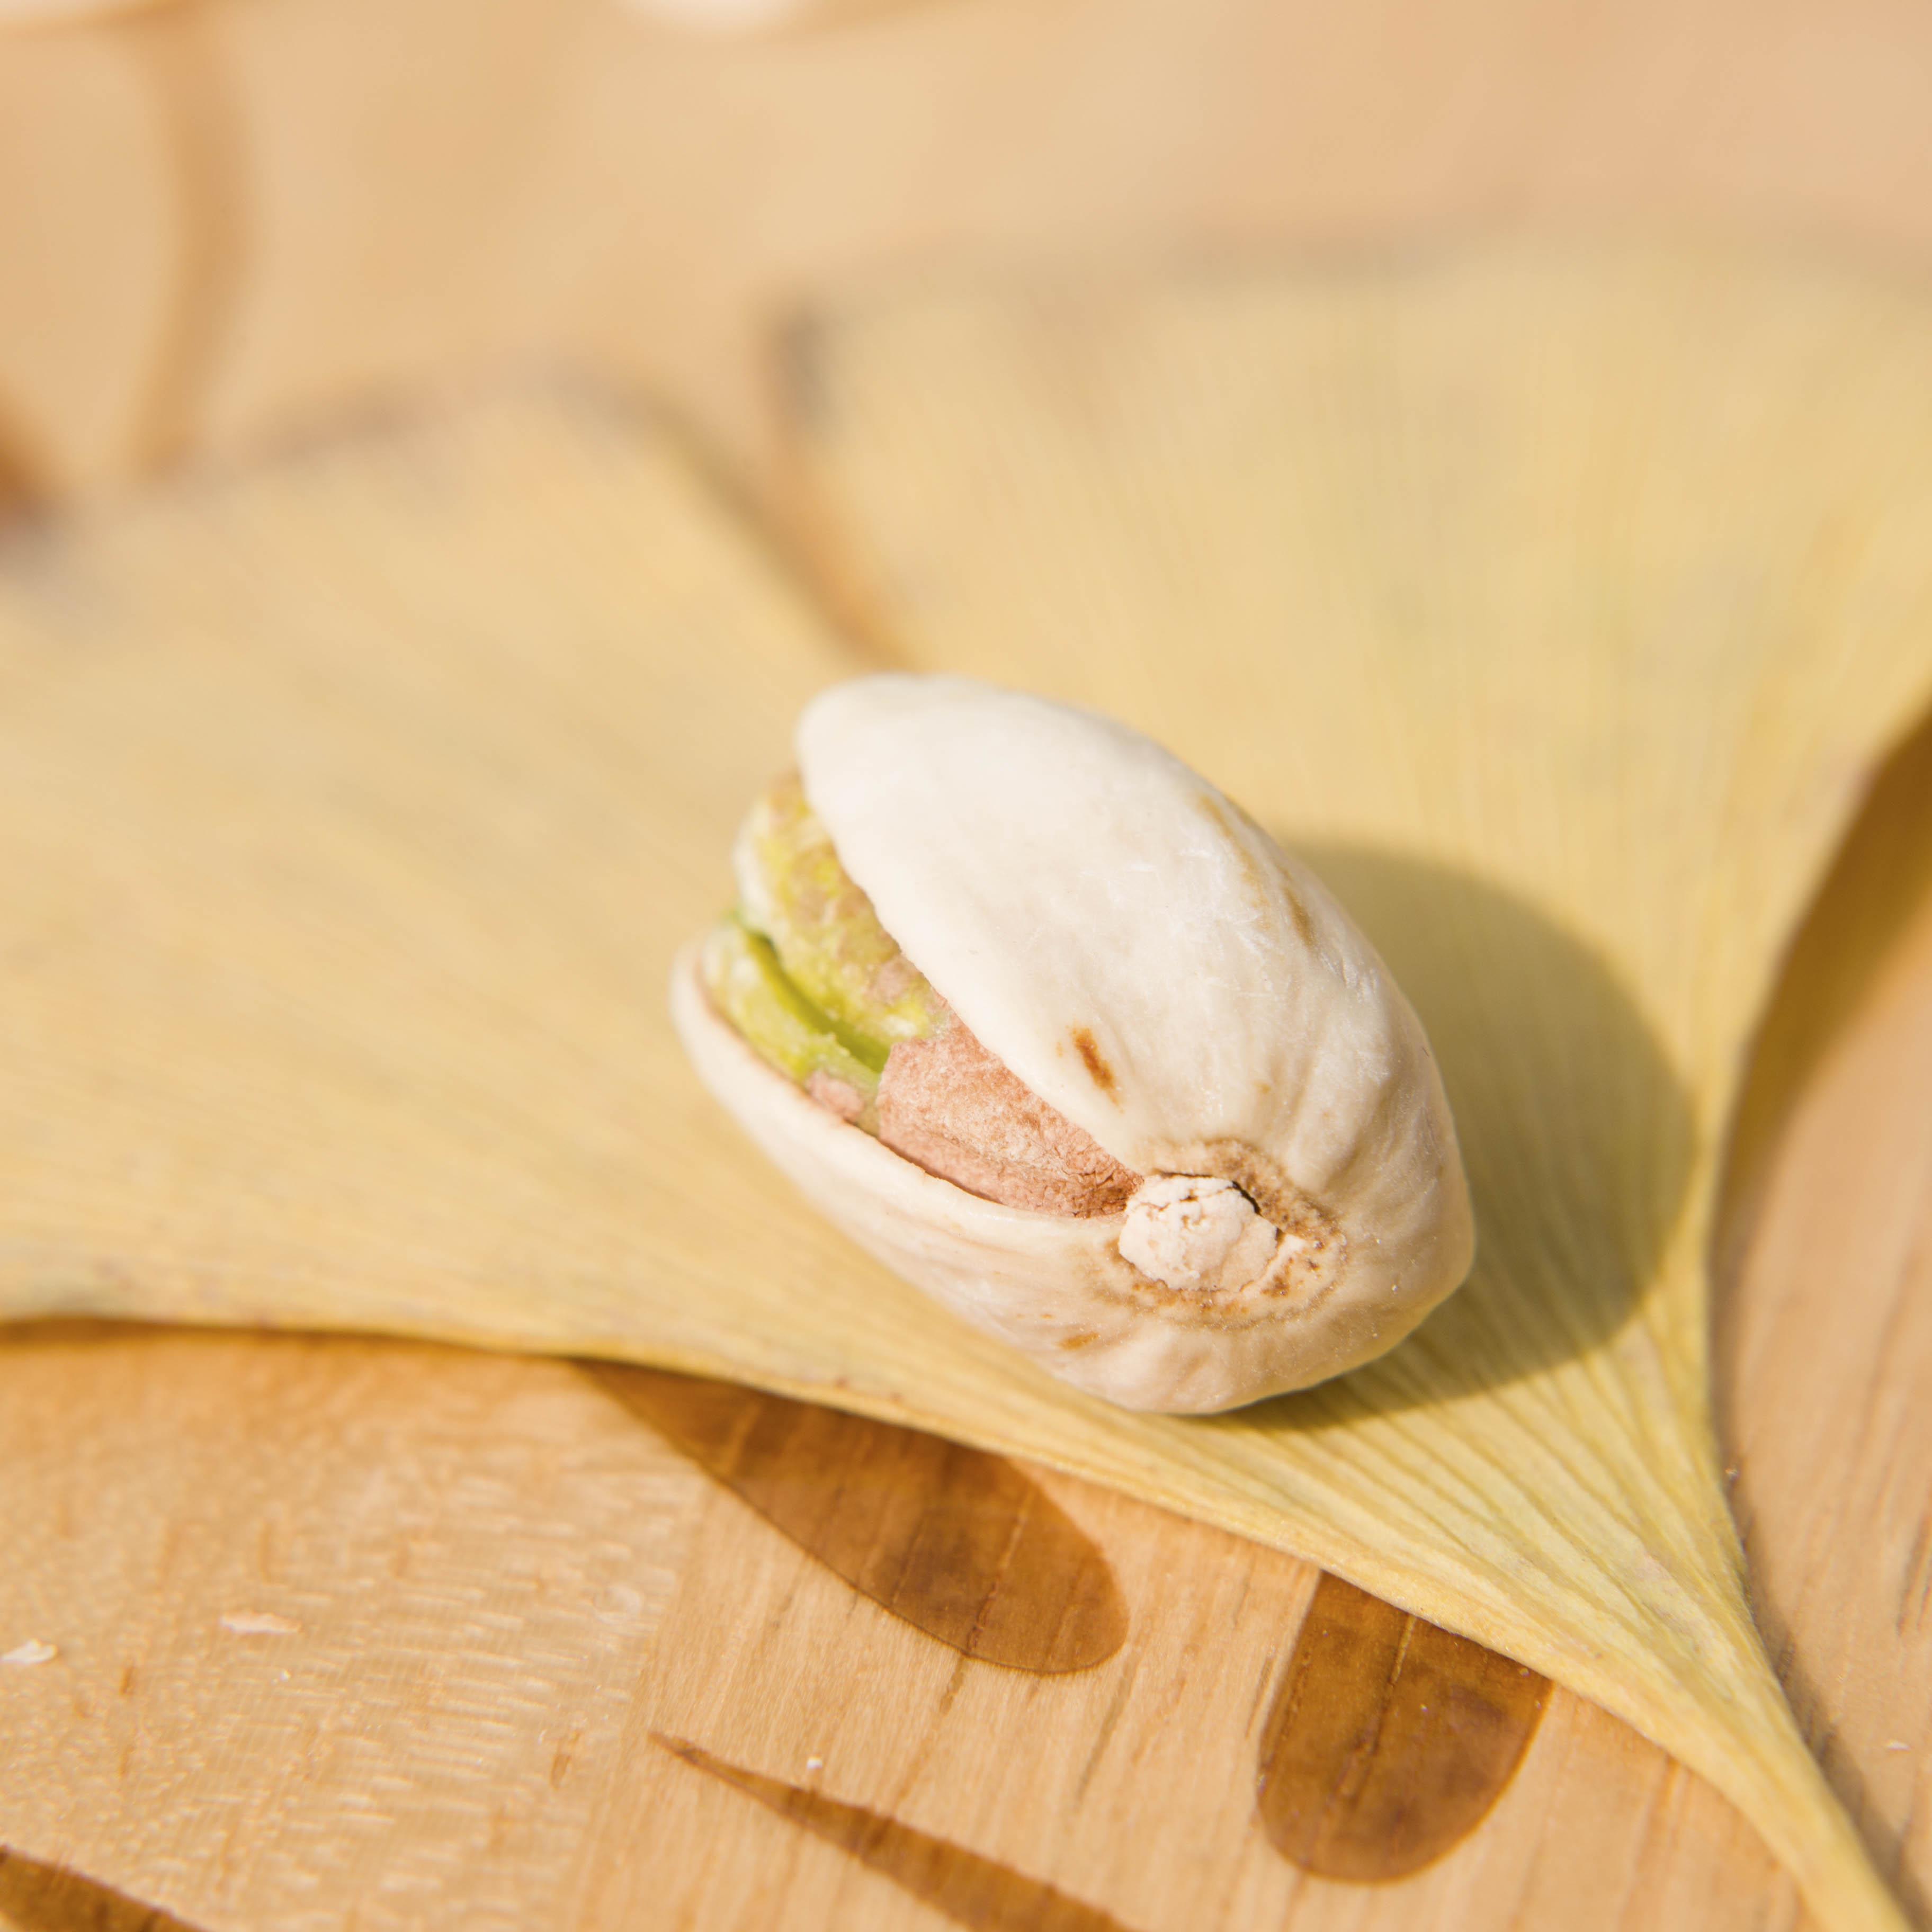 新货精选自然开口开心果特价 本色无漂白坚果特产